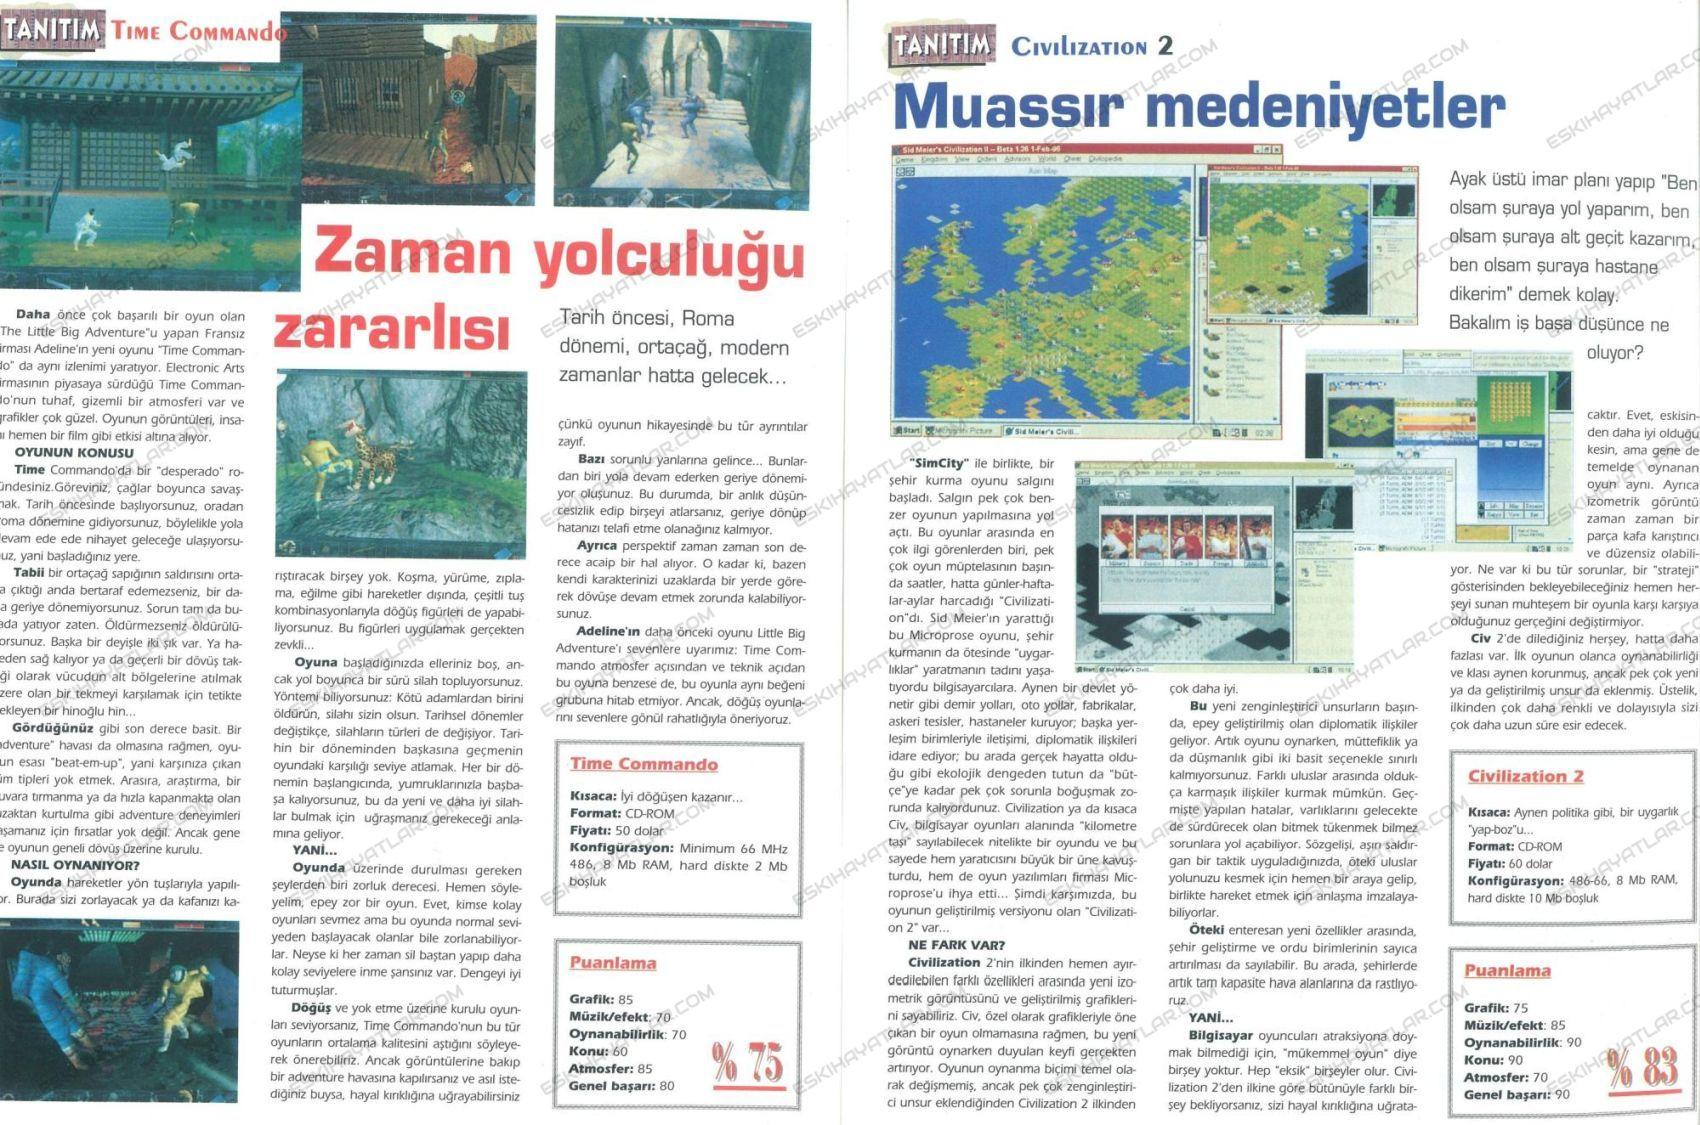 0277-doksanli-yillarin-bilgisayar-oyunlari-1996-yilinda-bilgisayar-markalari (9)